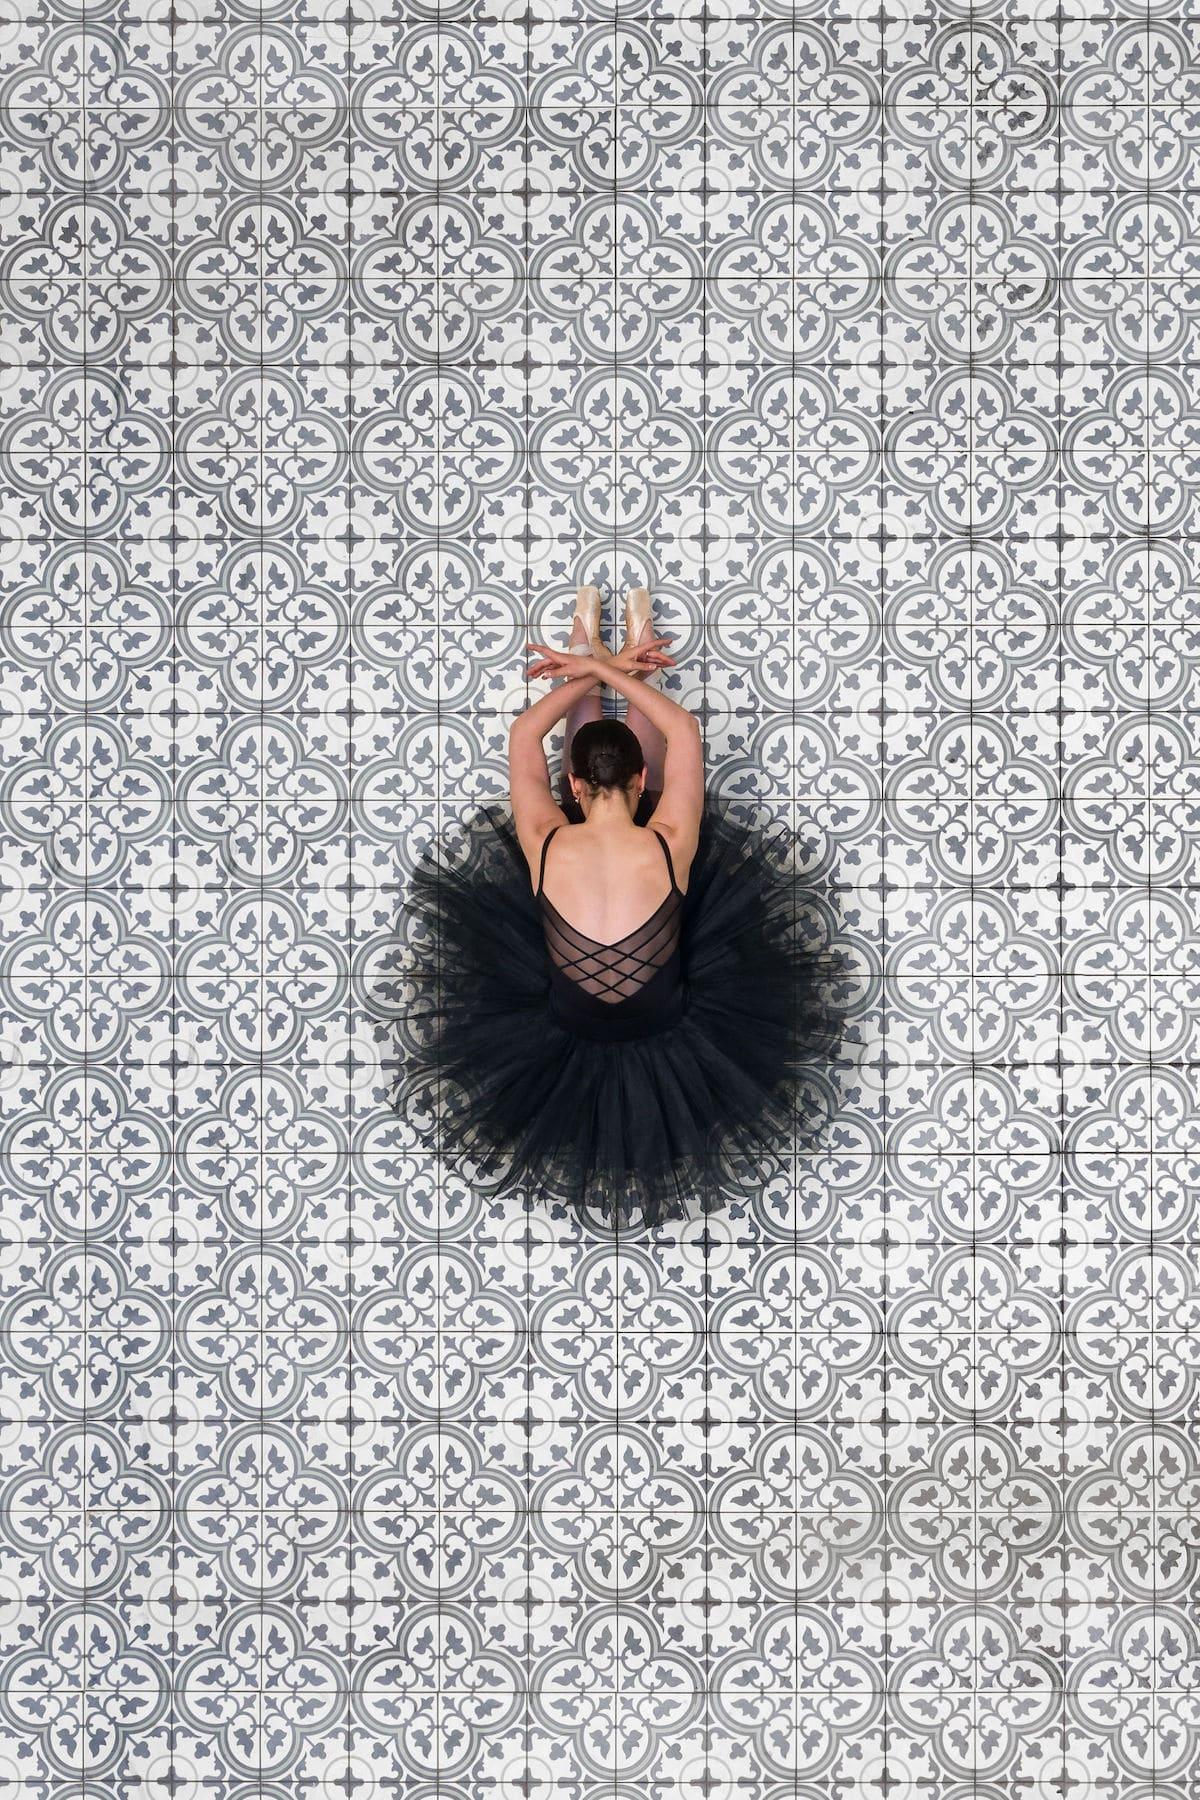 Drone Portrait of a Ballet Dancer